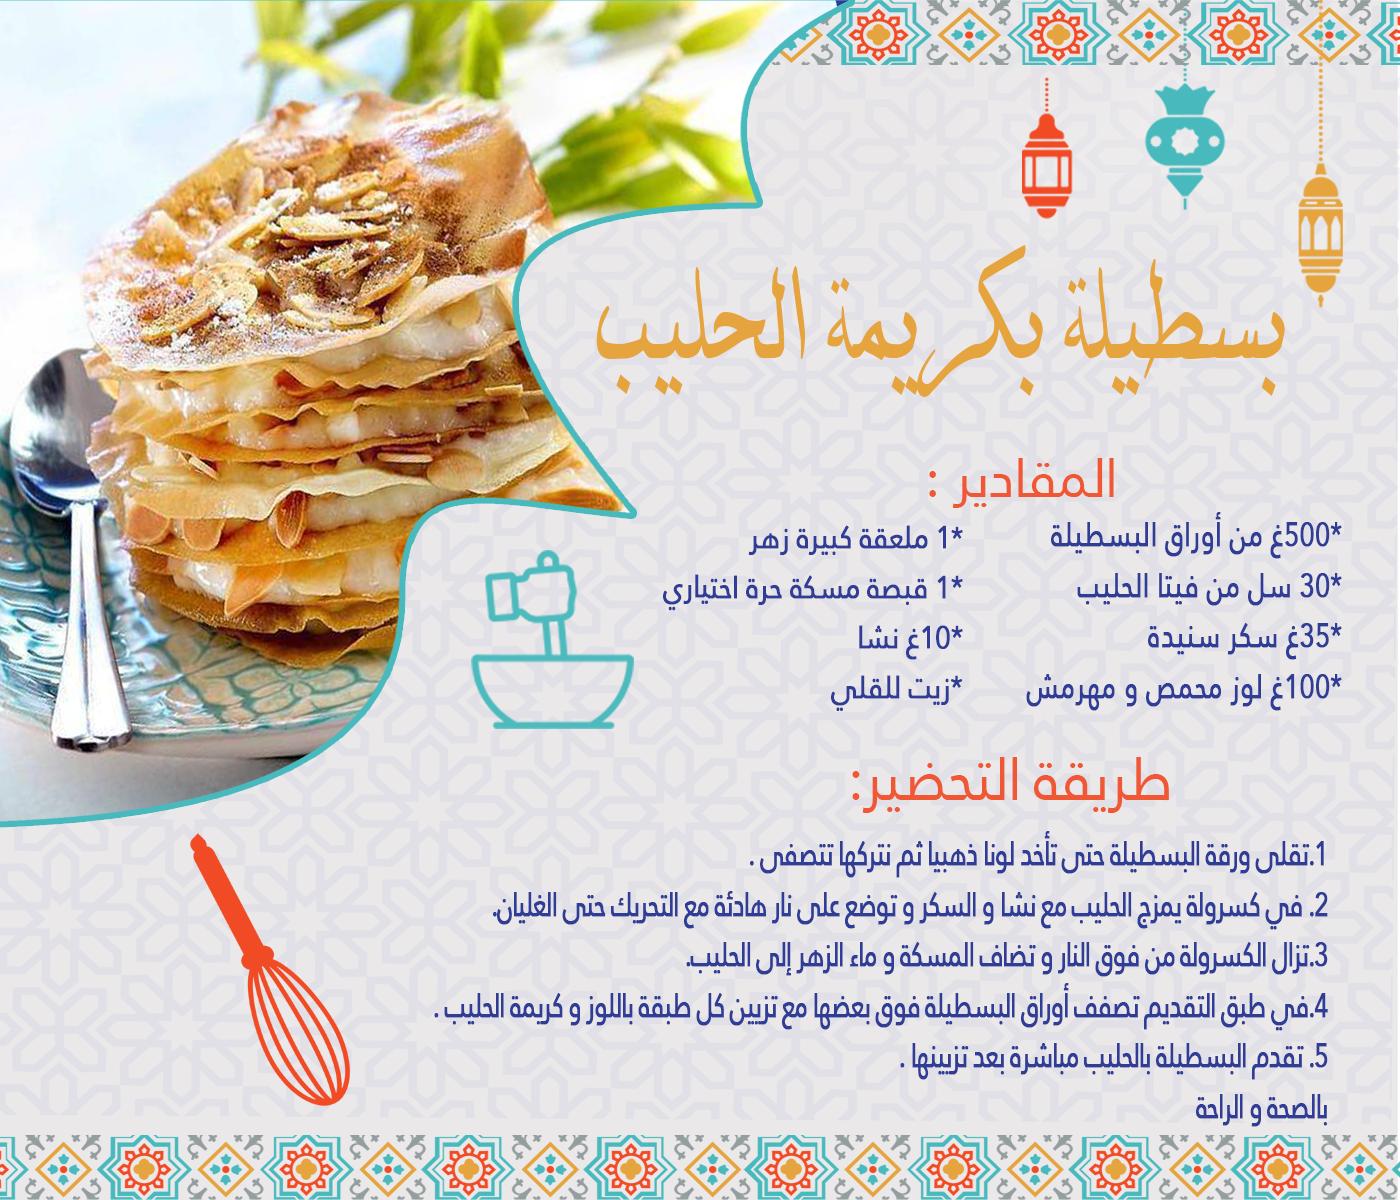 Livret De Recettes Ramadan 2019 Vitahalib Food Water Bottle Drinks